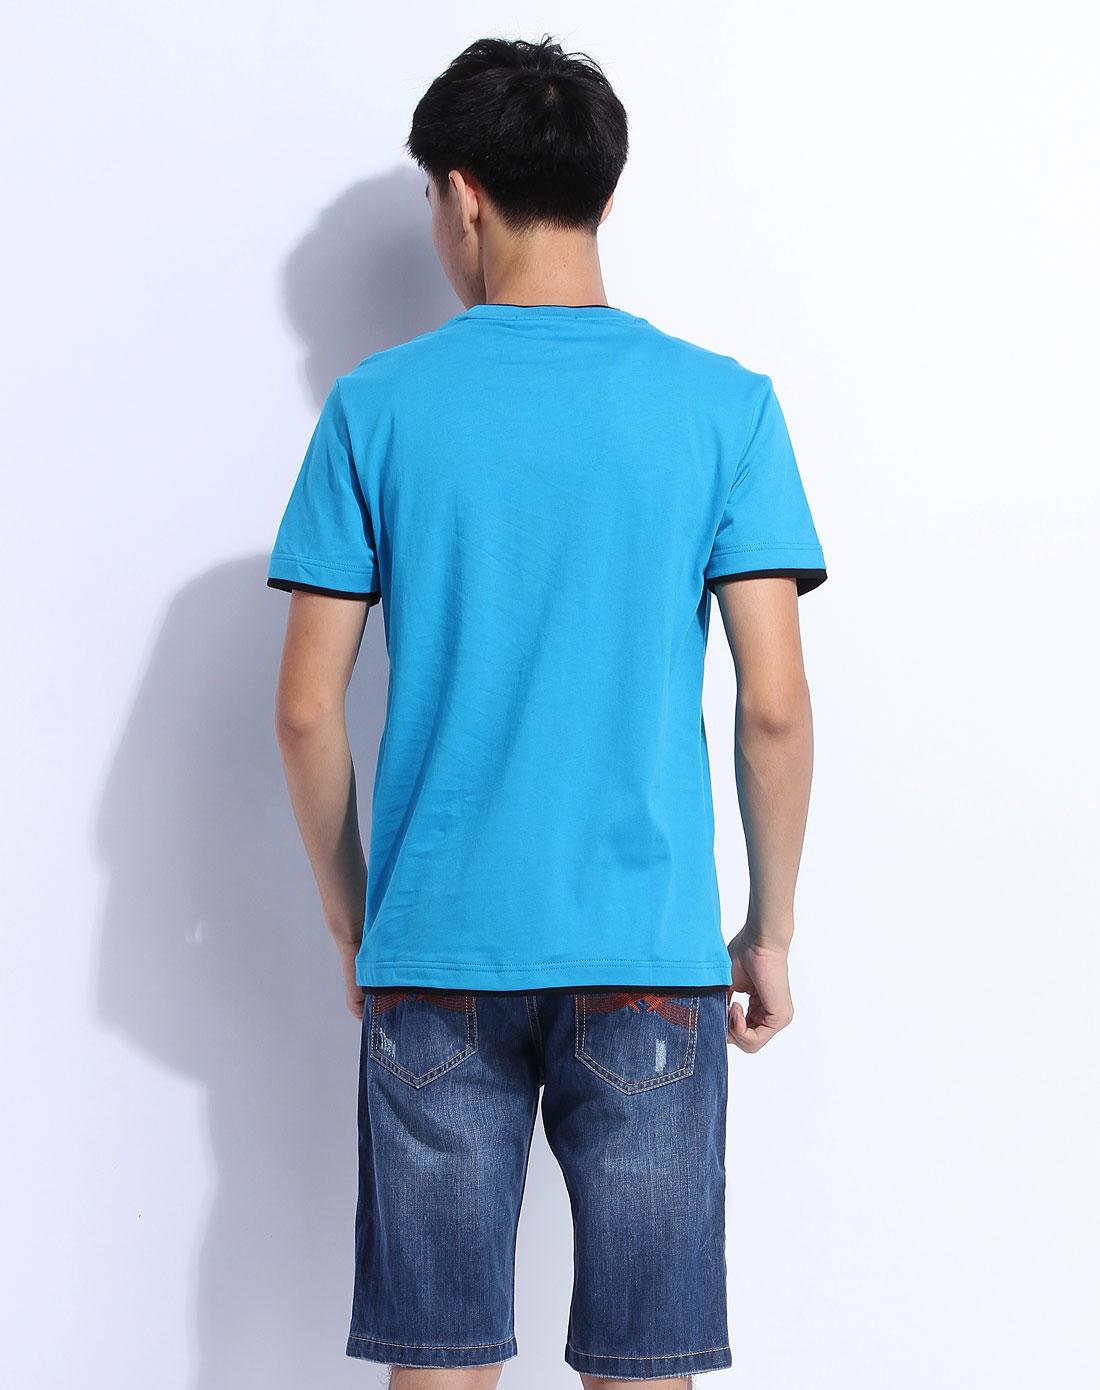 森马男装专场-蓝色短袖休闲t恤图片